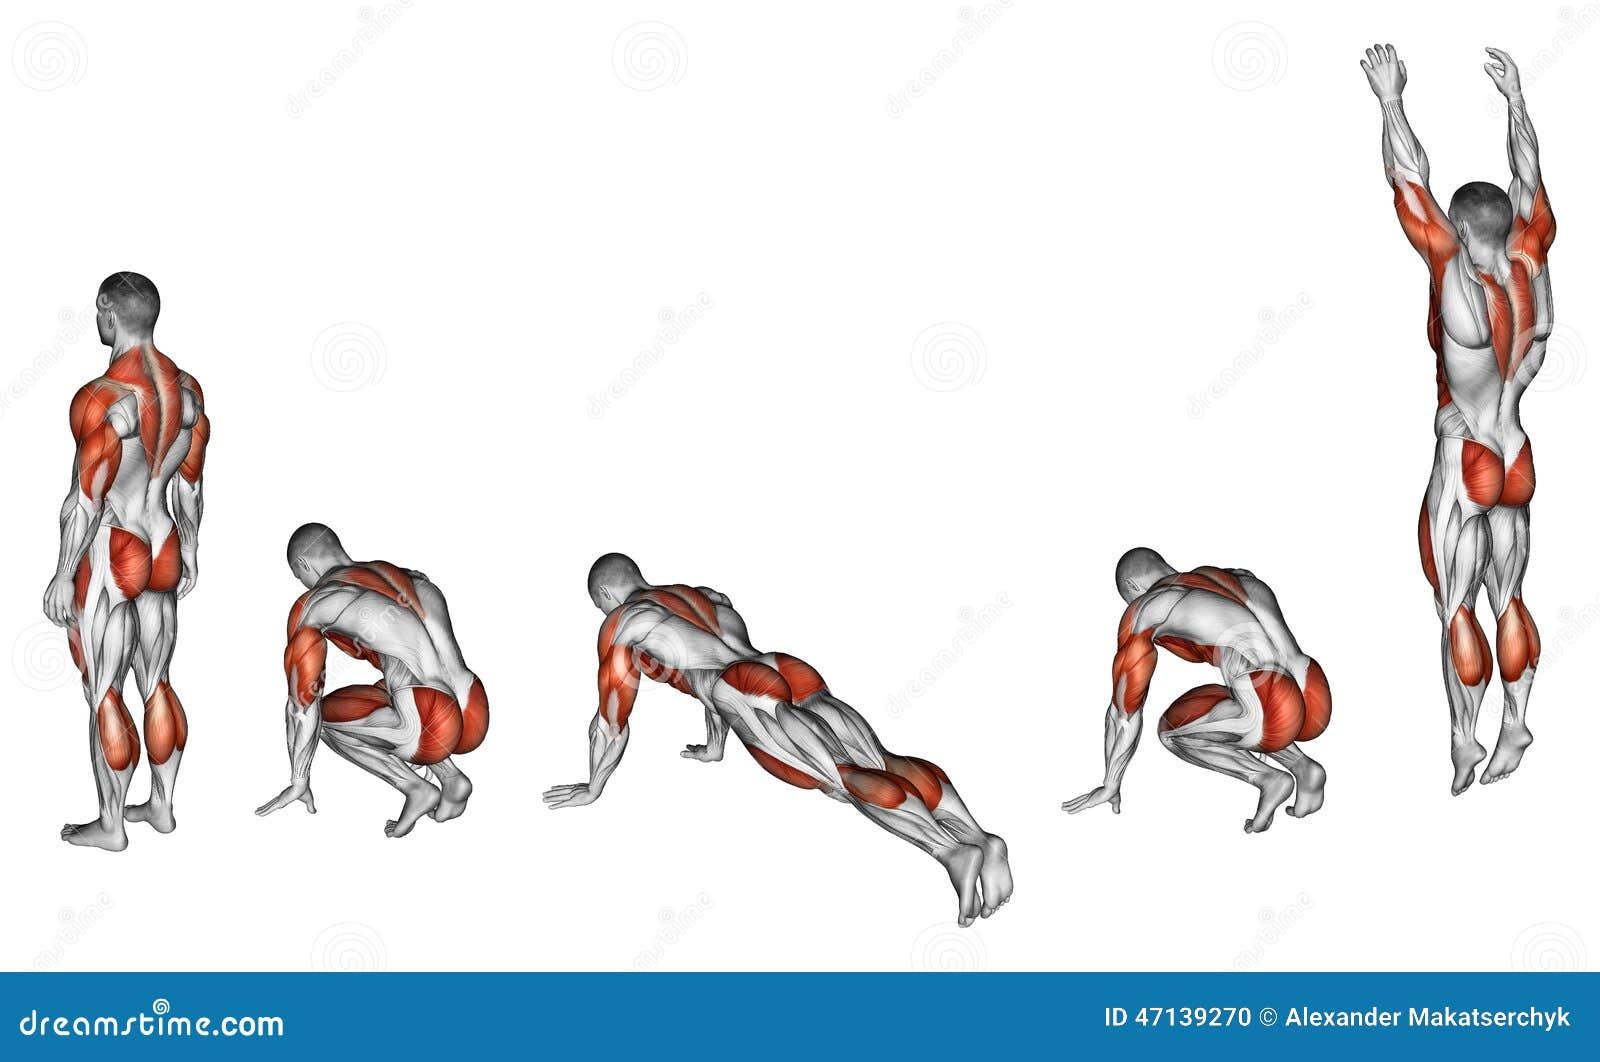 Exercising Burpee